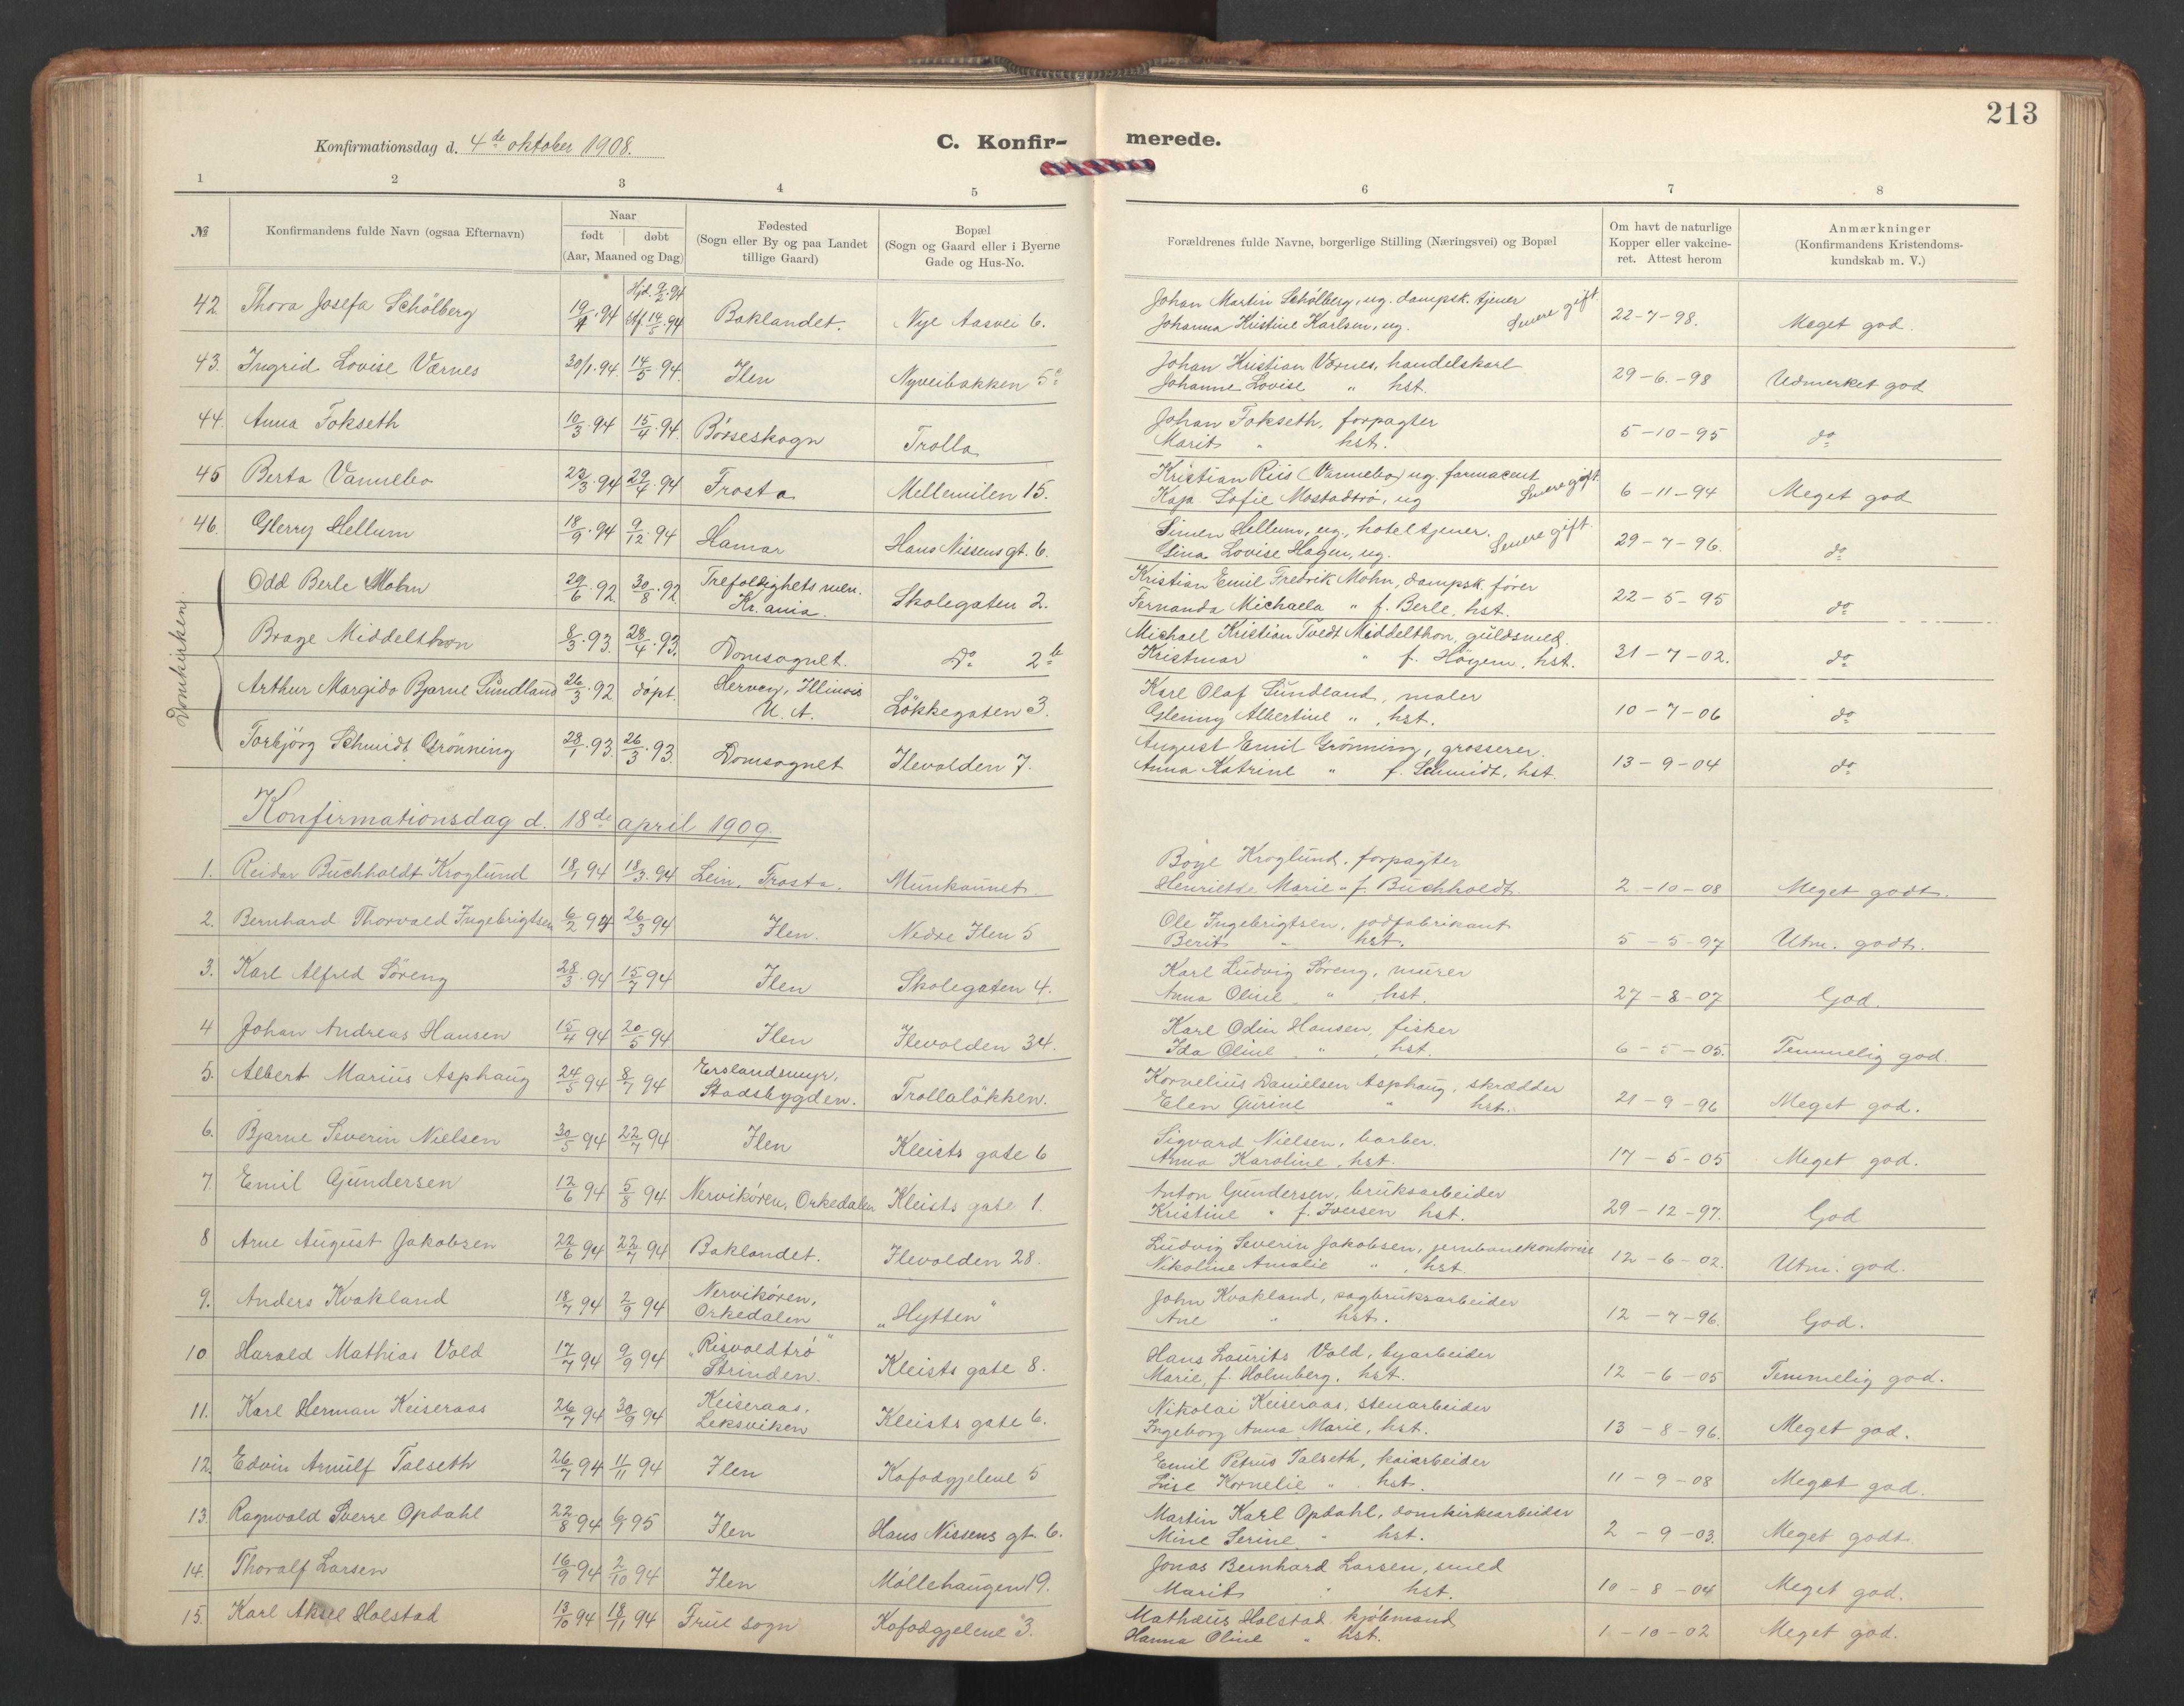 SAT, Ministerialprotokoller, klokkerbøker og fødselsregistre - Sør-Trøndelag, 603/L0173: Klokkerbok nr. 603C01, 1907-1962, s. 213